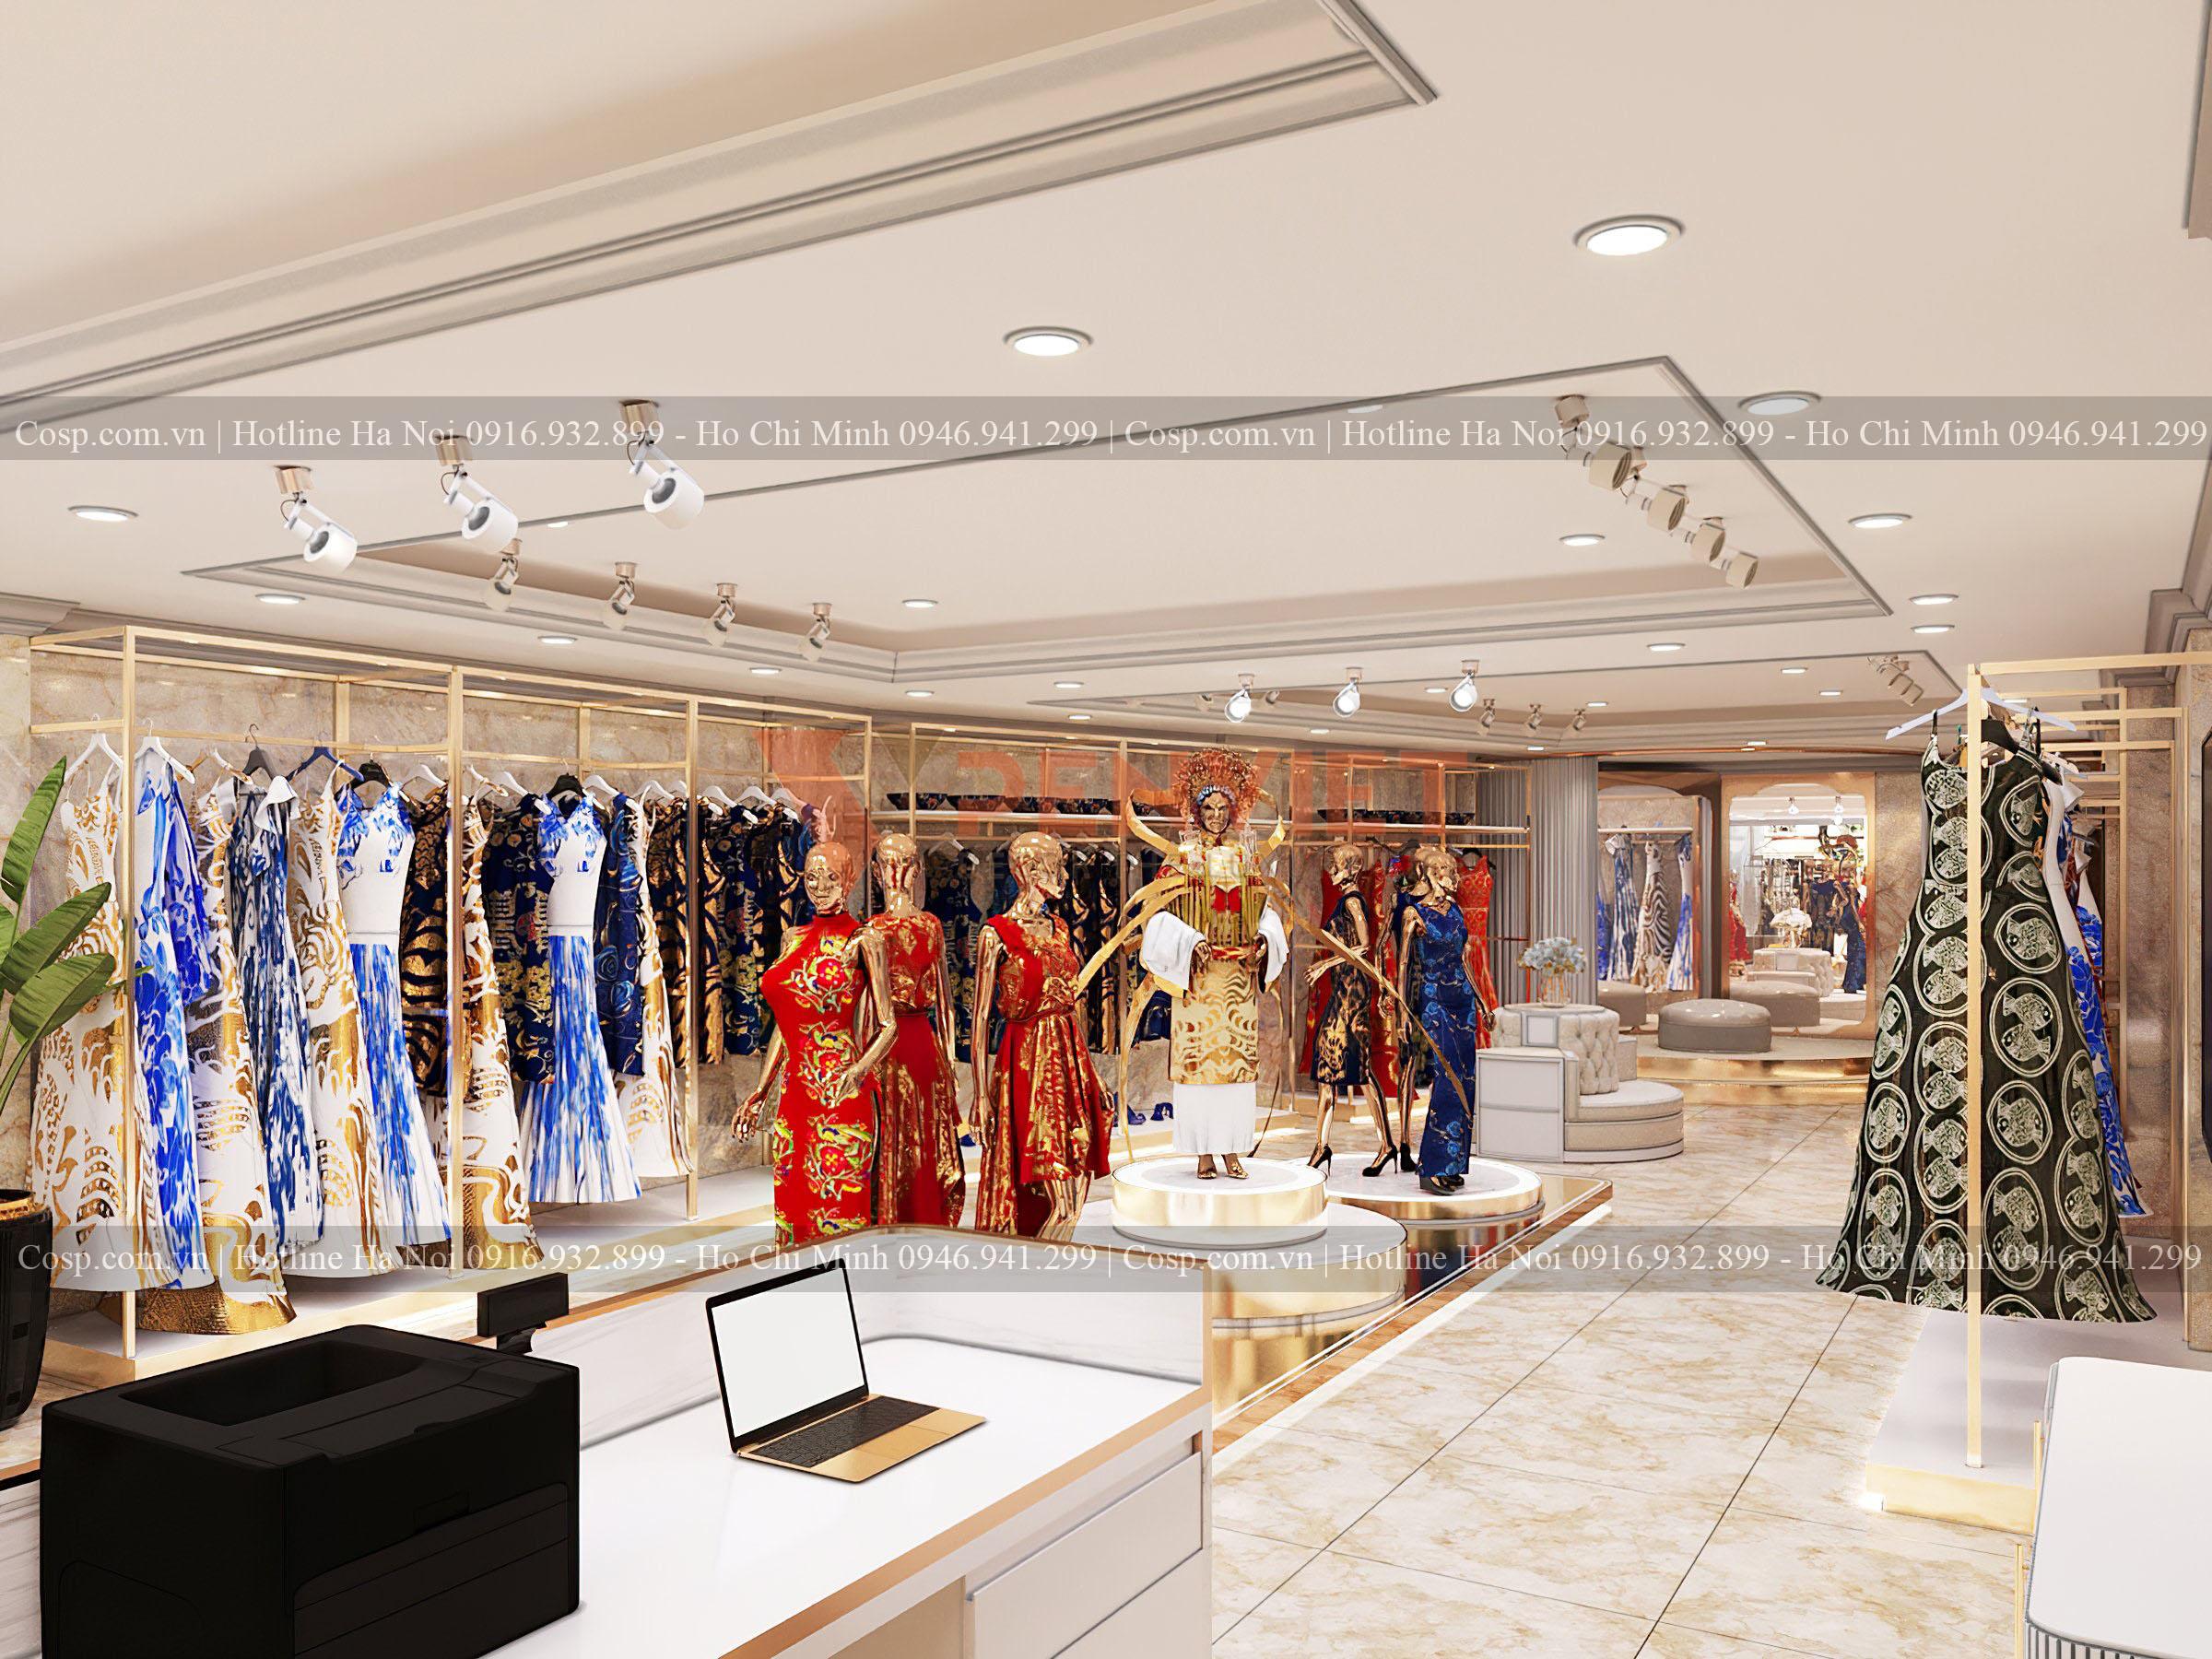 Hình ảnh shop áo dài thời trang Hương Queen dưới góc nhìn từ quầy lễ tân